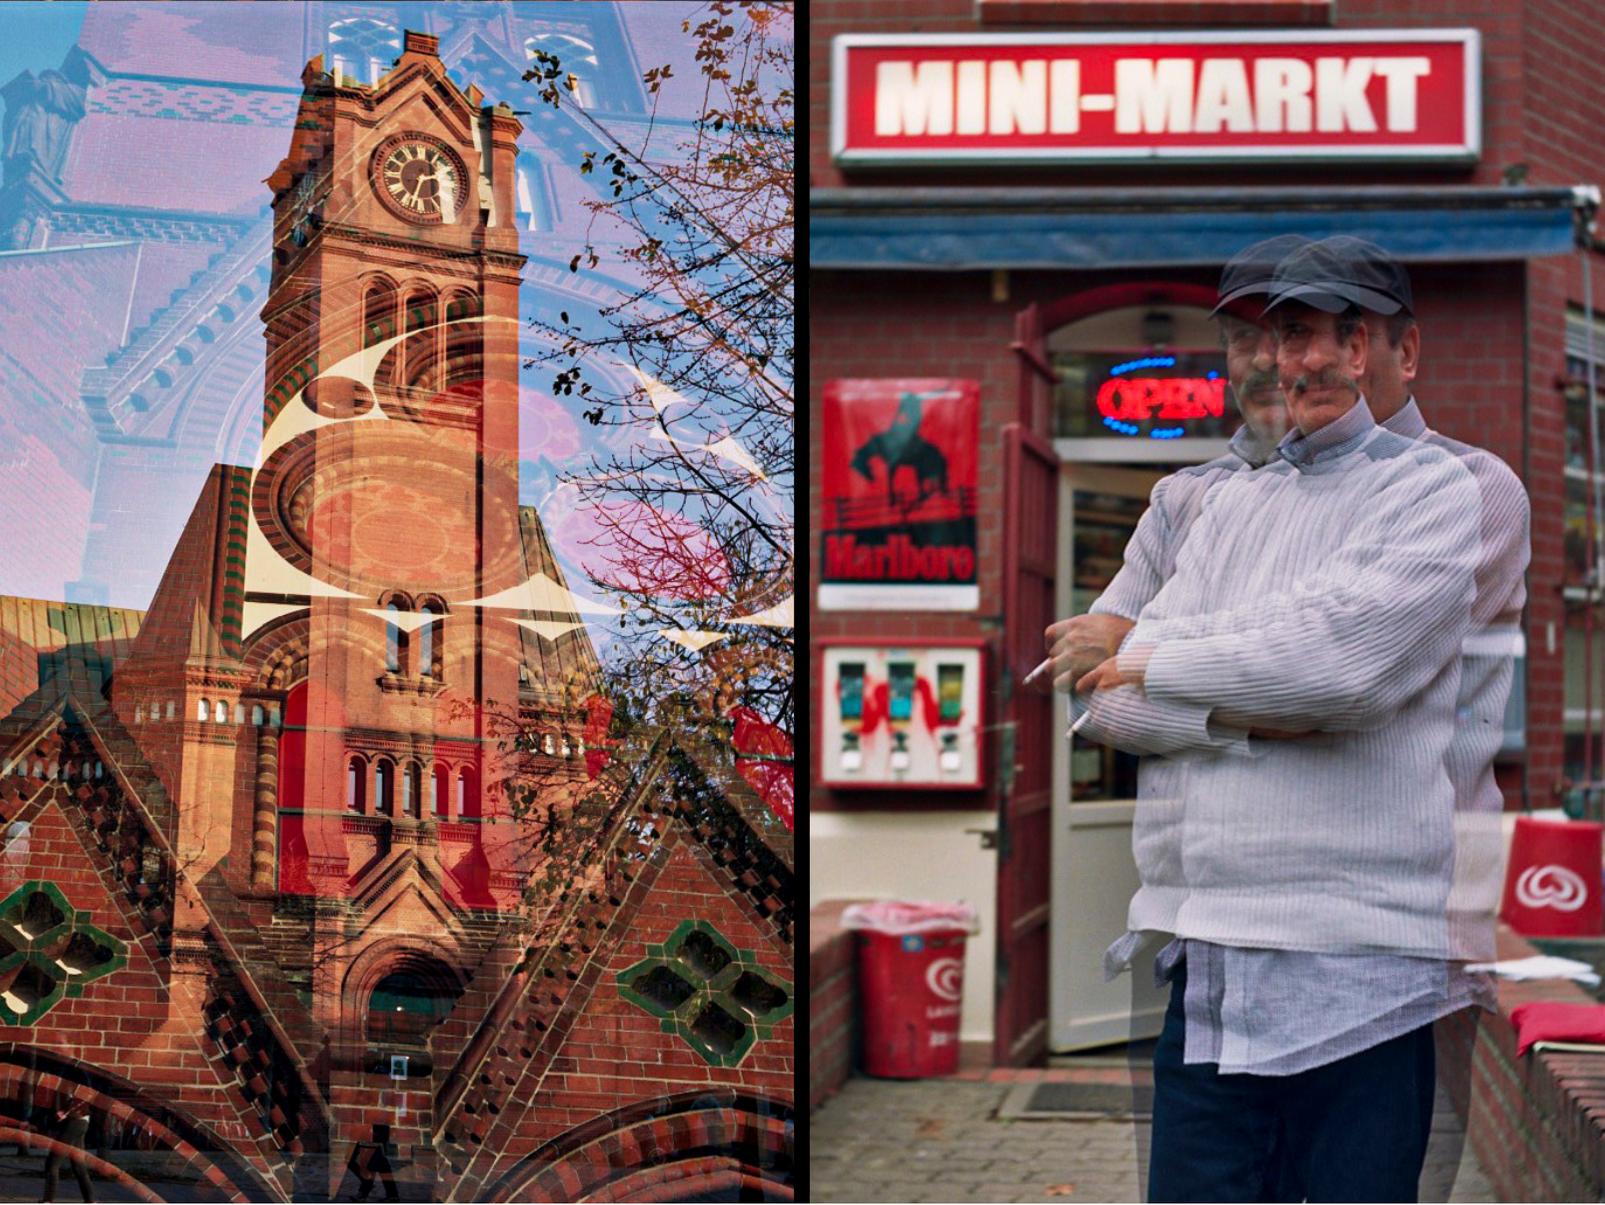 Die Apostelkirche und der Mini-Markt analog fotografiert.